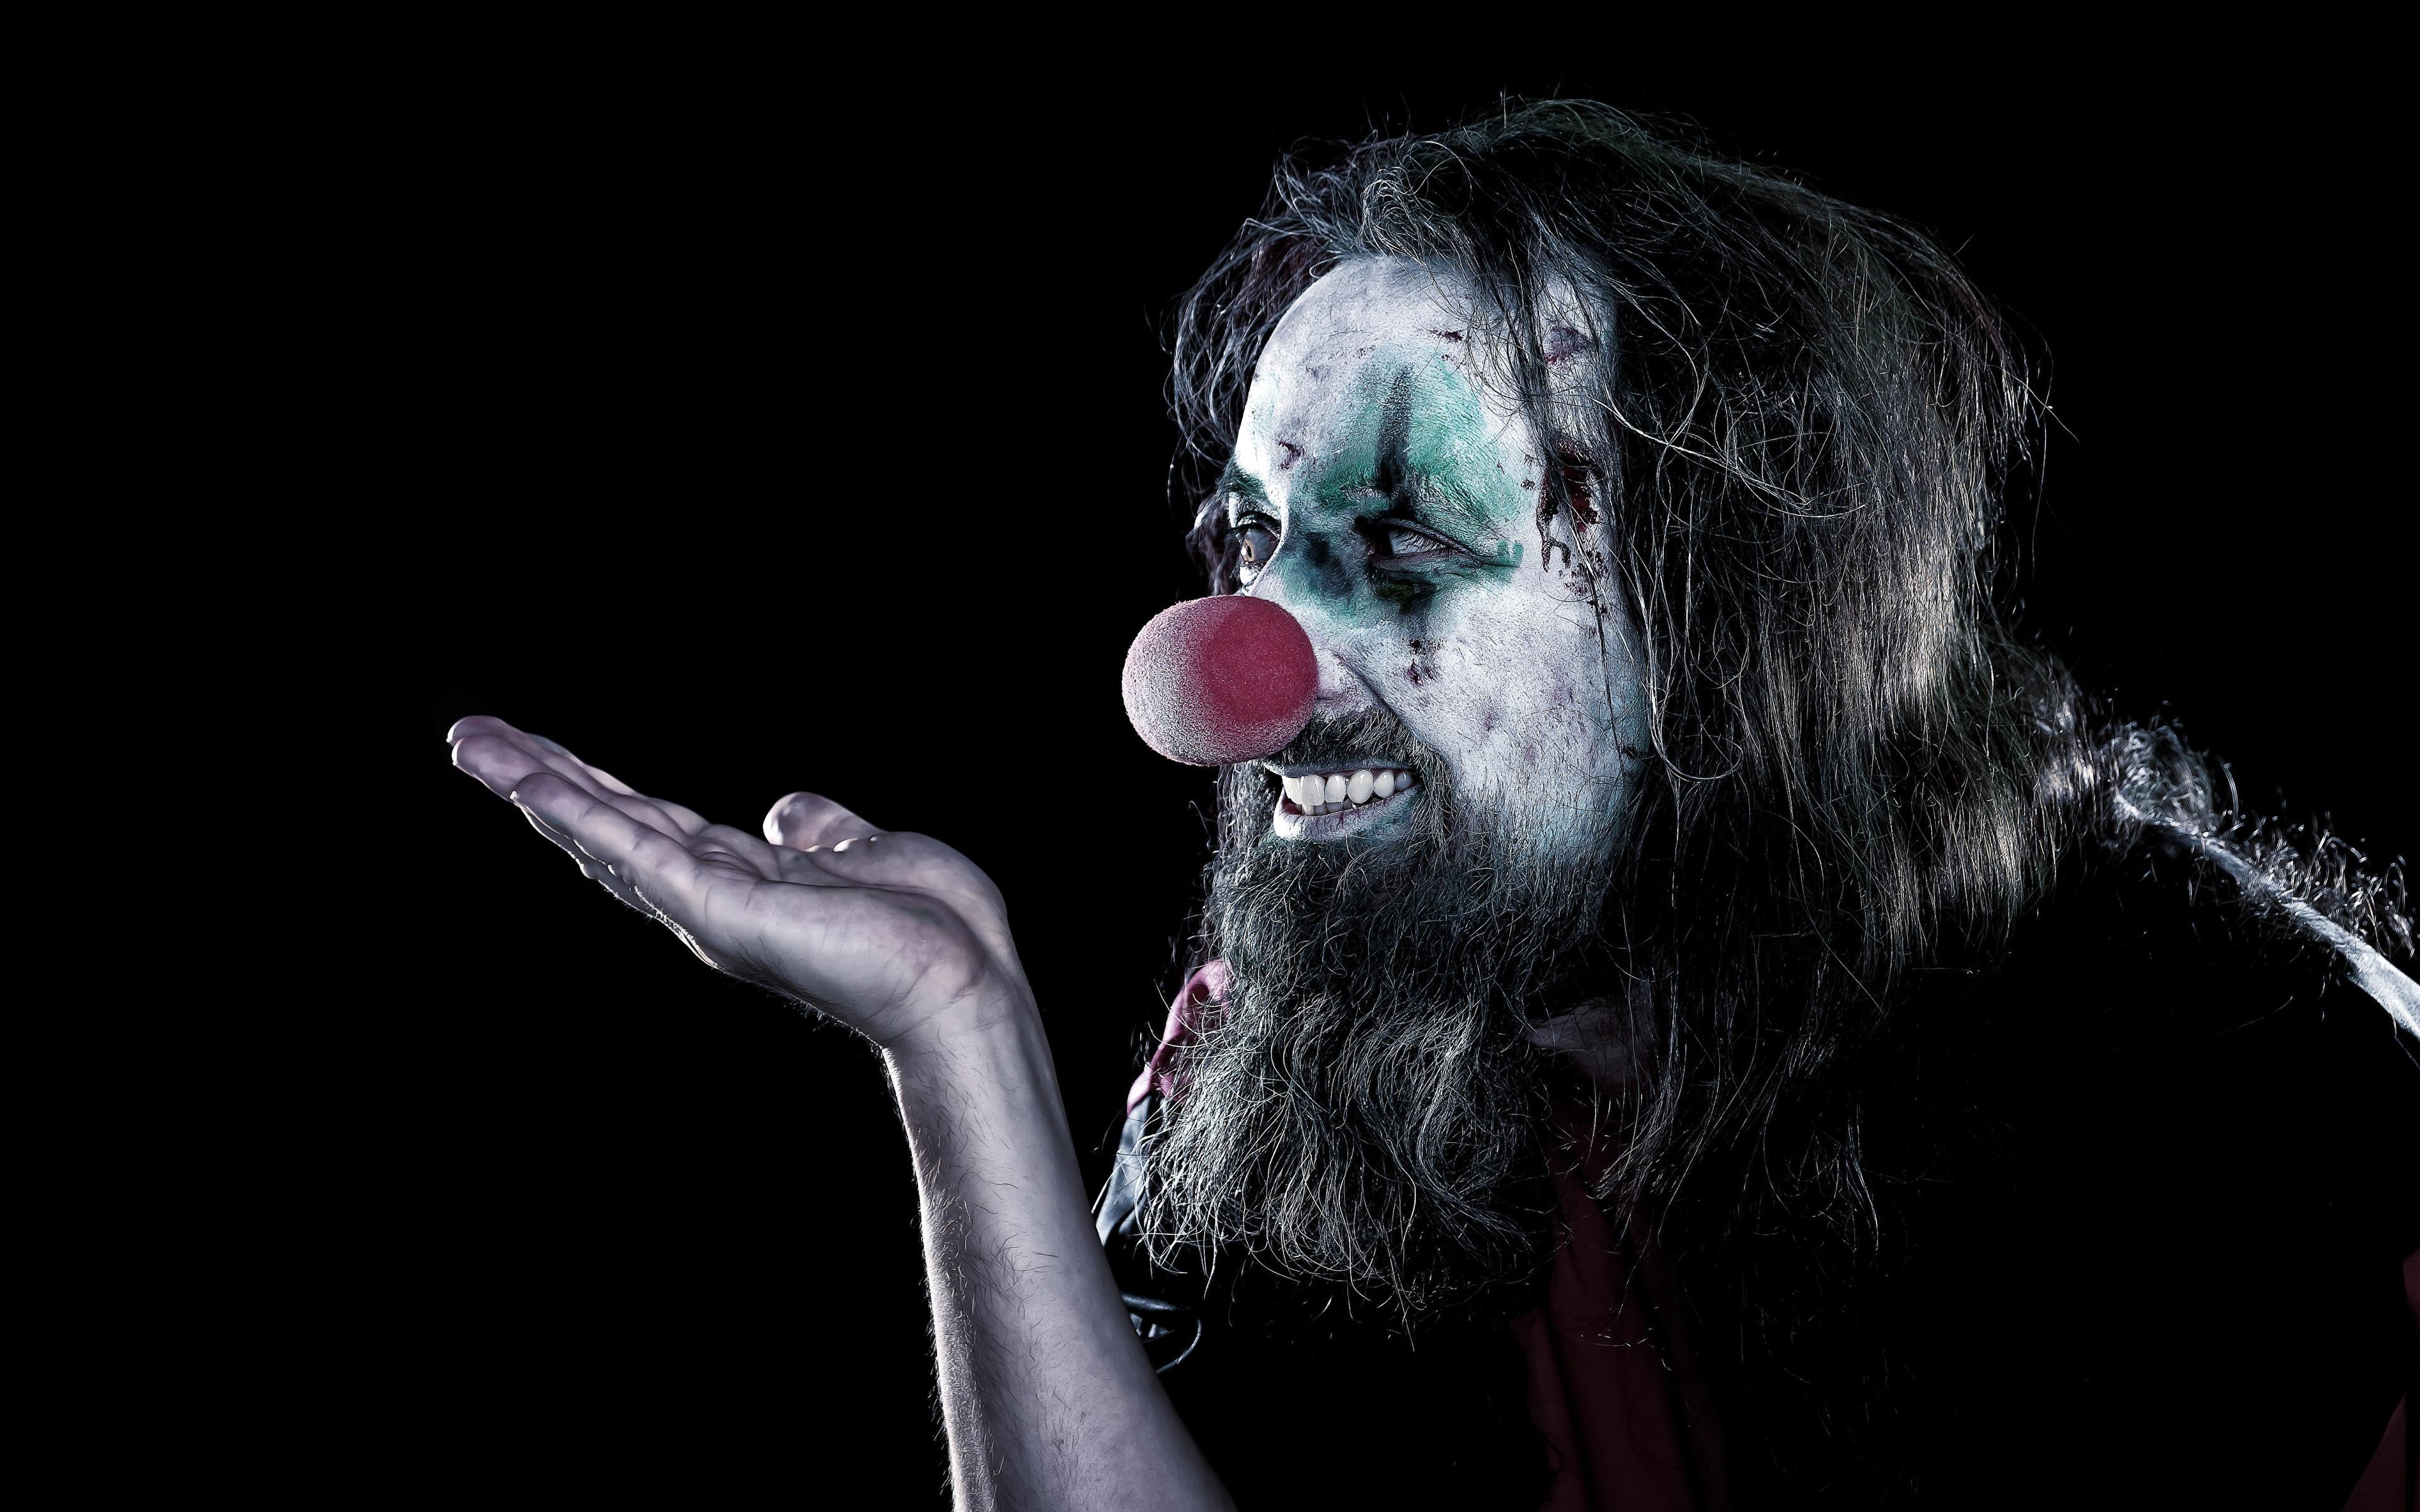 Фотографии Мужчины Макияж Клоун Борода рука Черный фон 3840x2400 мужчина мейкап косметика на лице клоуны клоуна бородой бородатые бородатый Руки на черном фоне